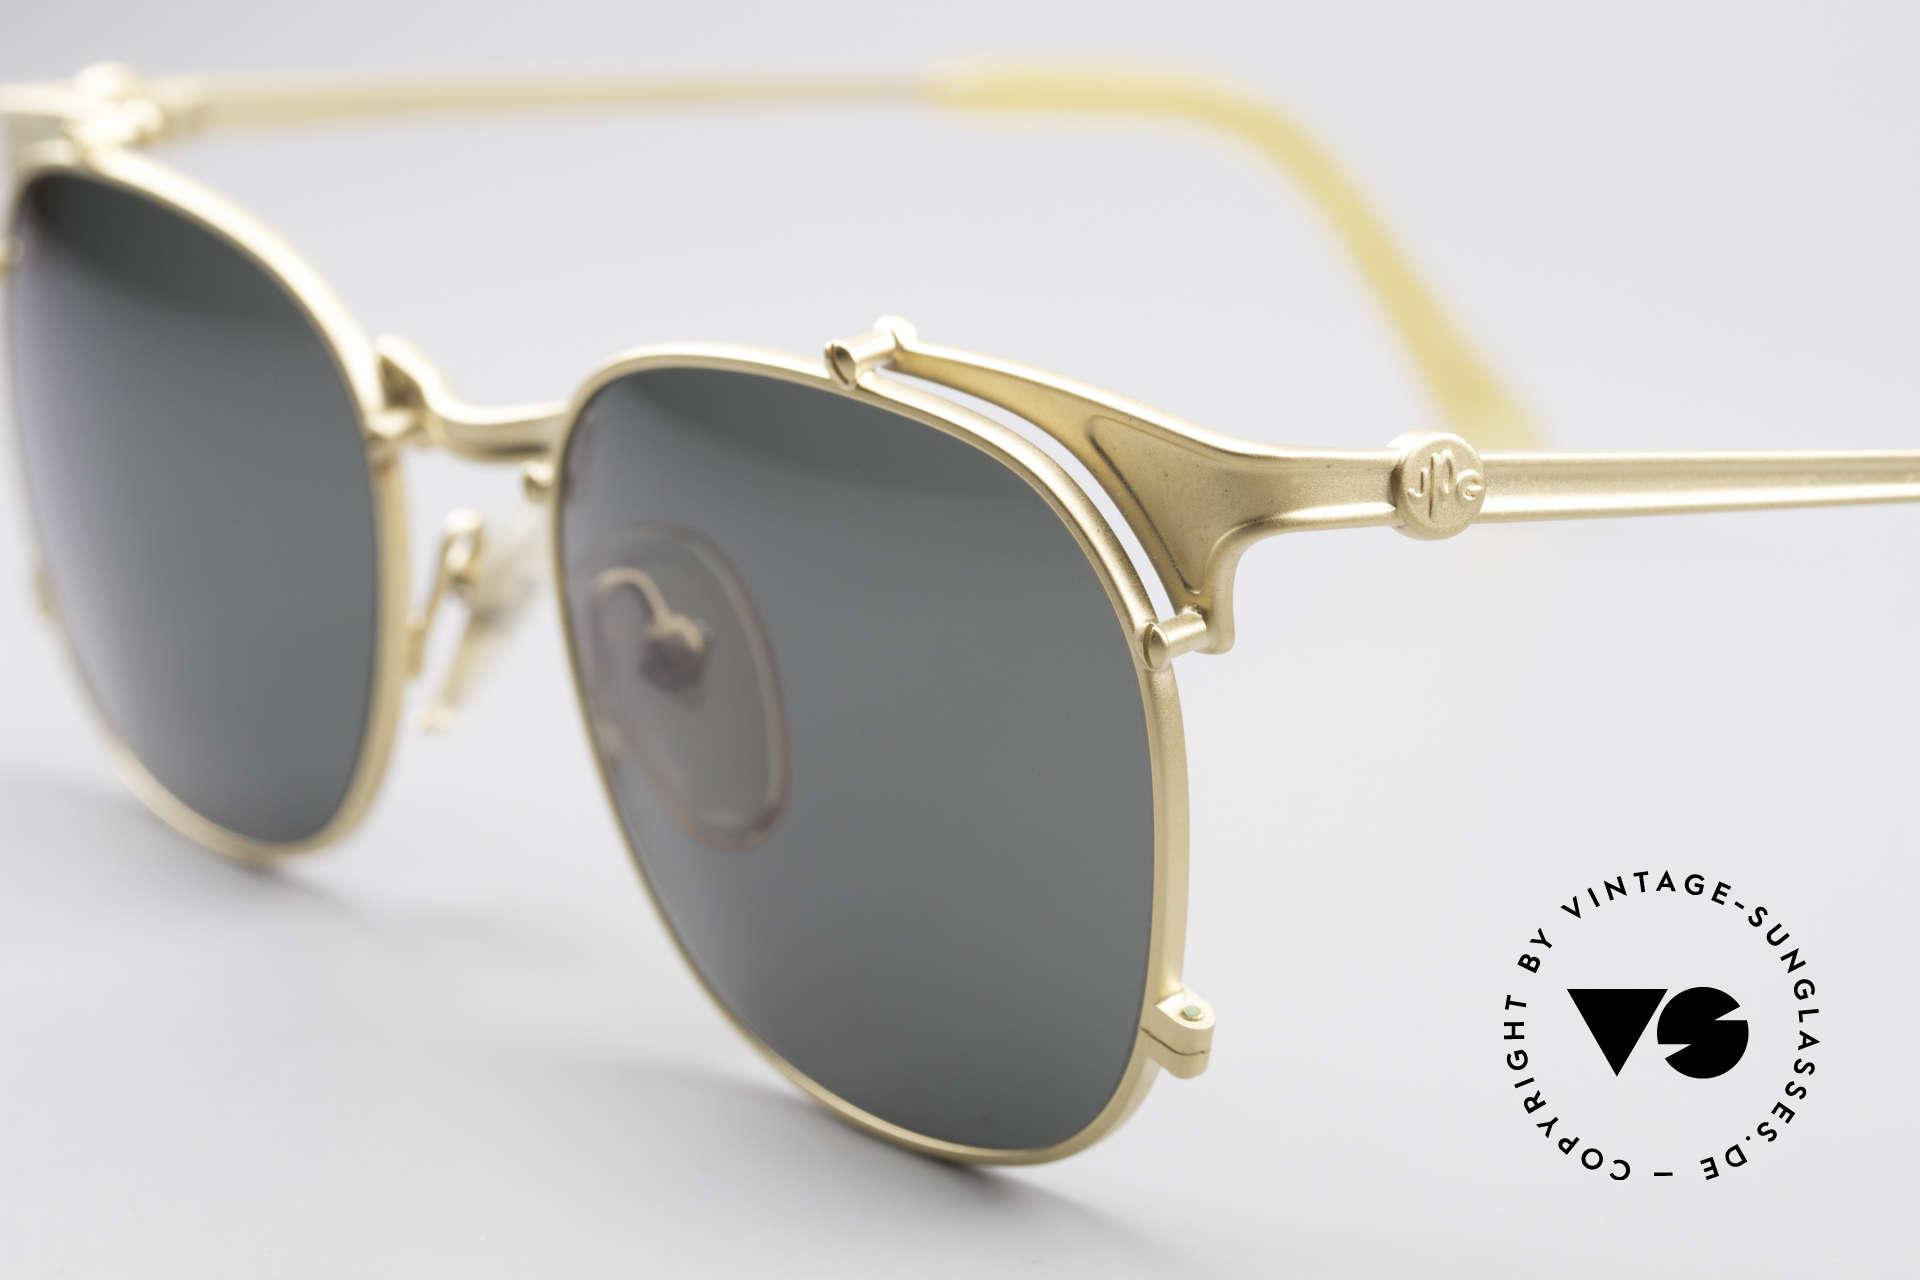 Jean Paul Gaultier 56-2175 Rare Vintage Sonnenbrille, klassische Farbkombination in (matt)gold / grün, Passend für Herren und Damen